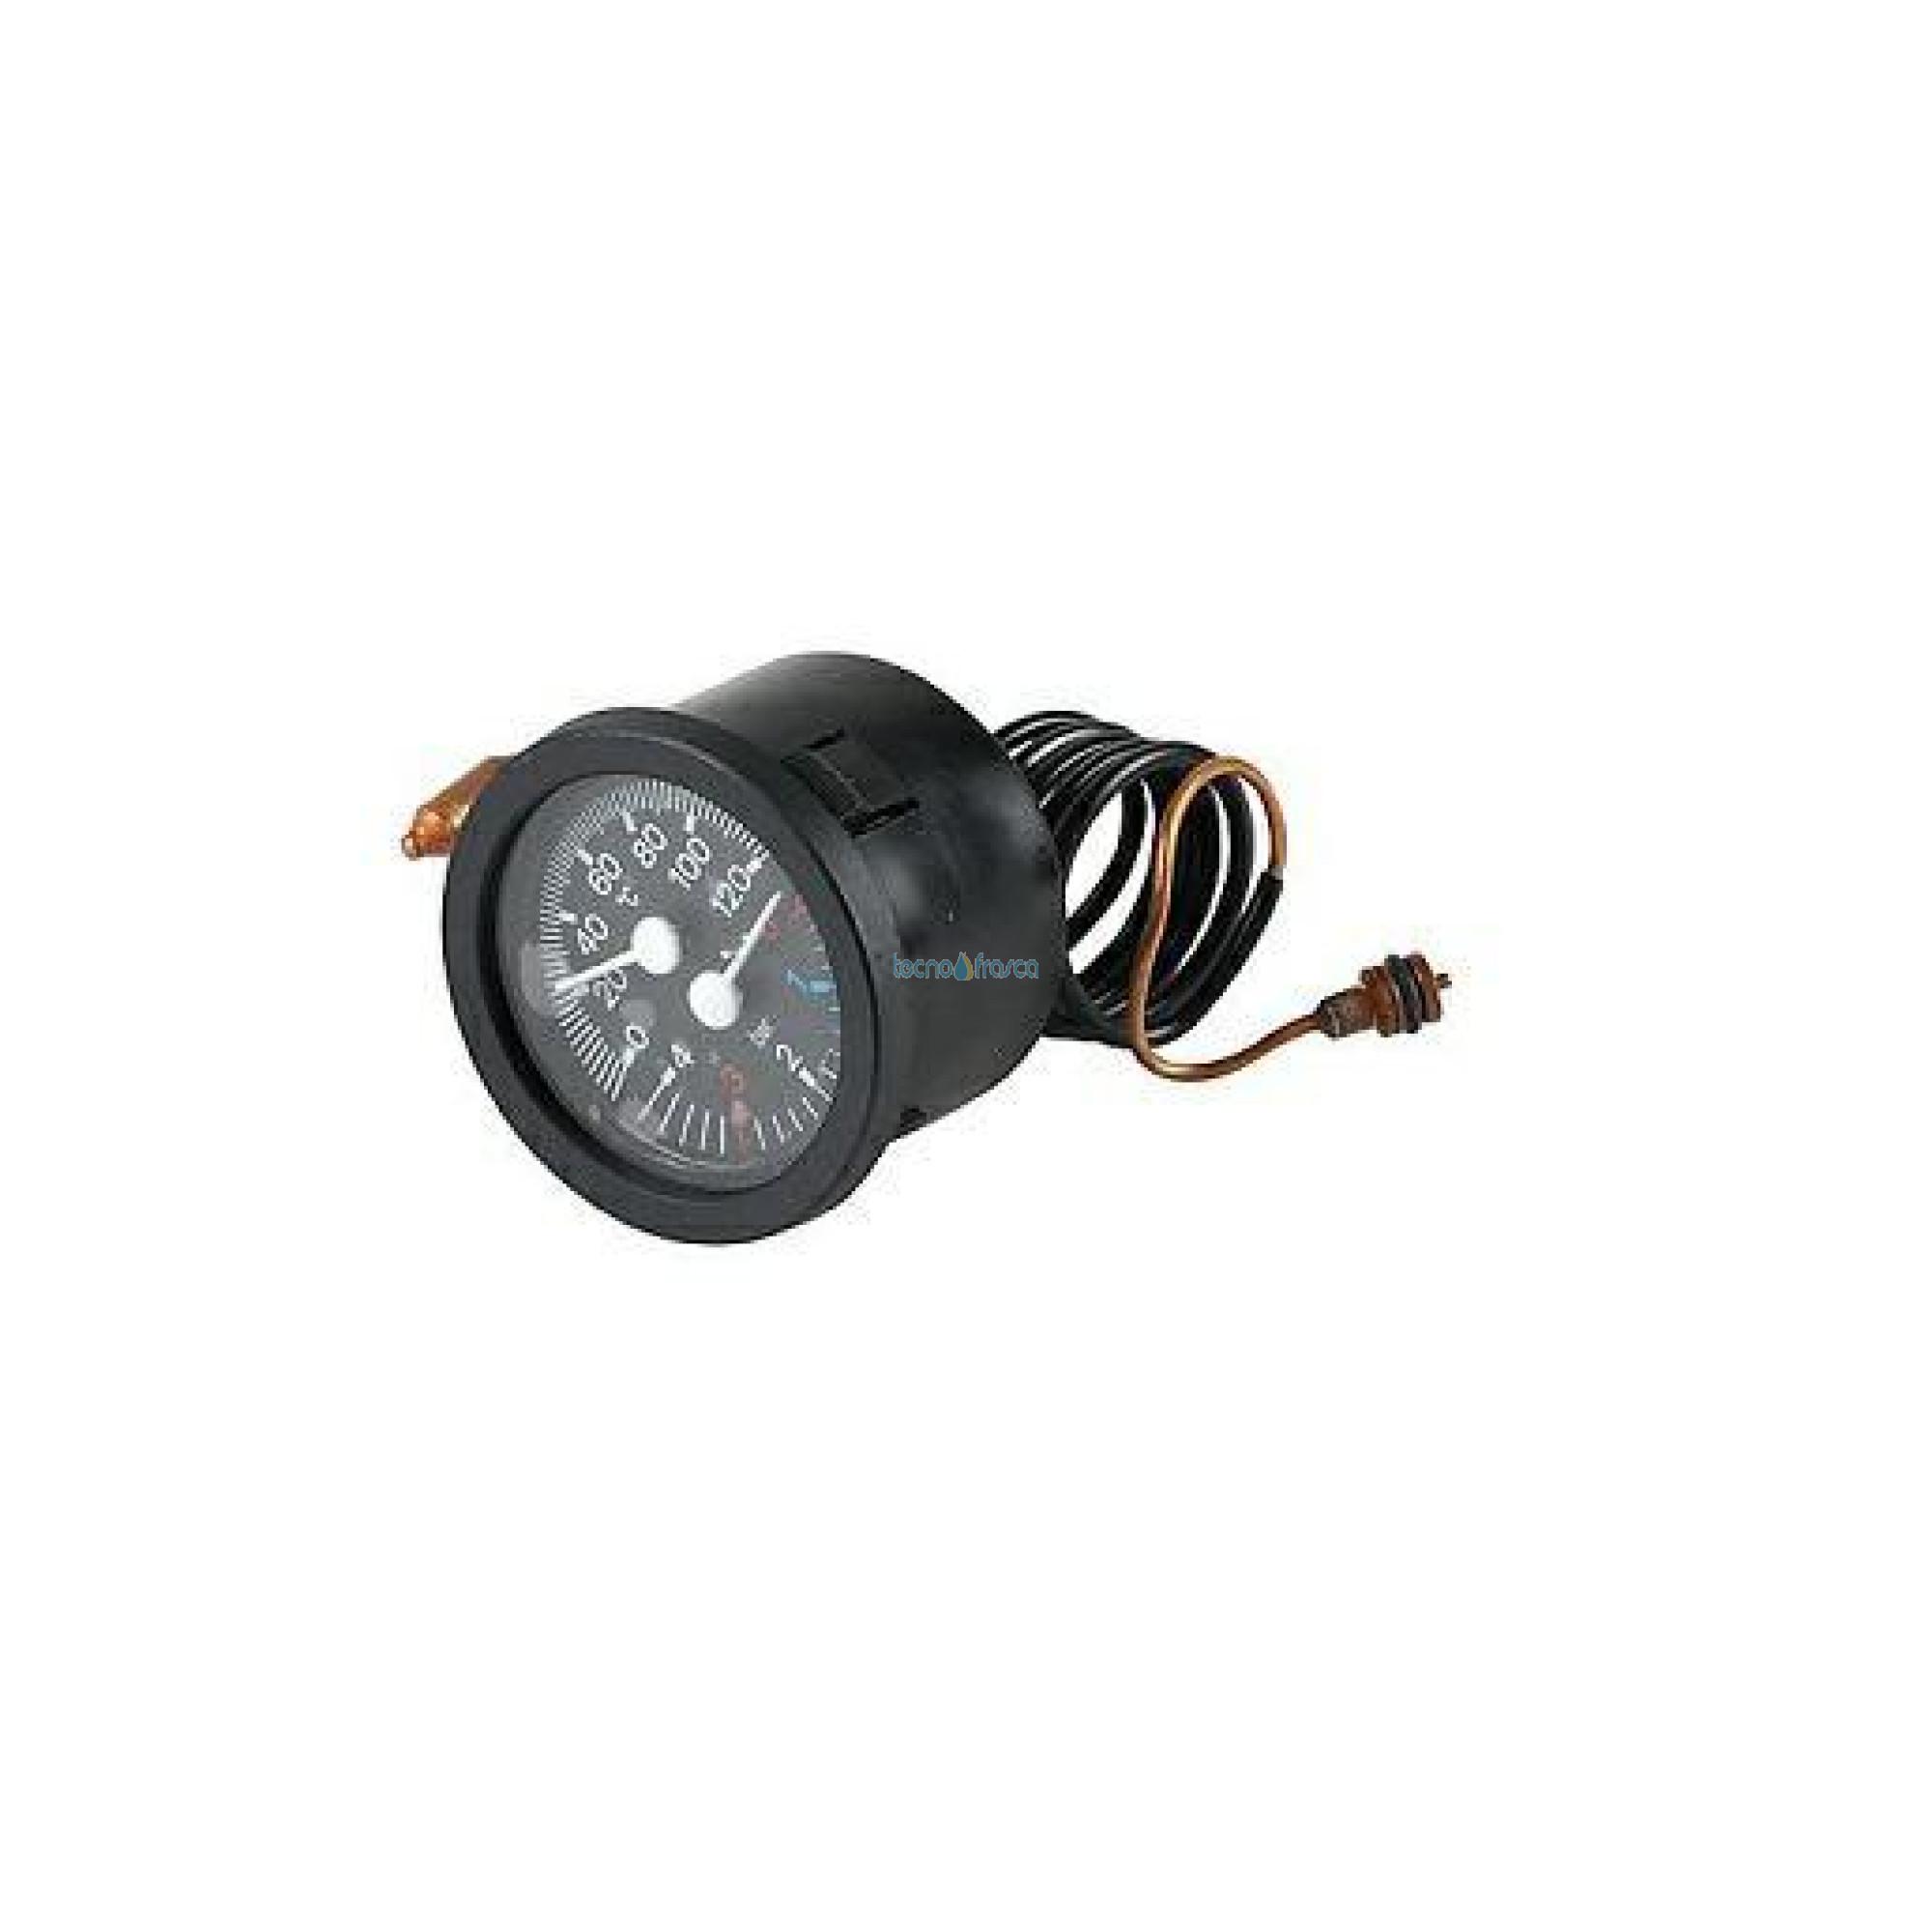 Sylber termoidrometro r7239